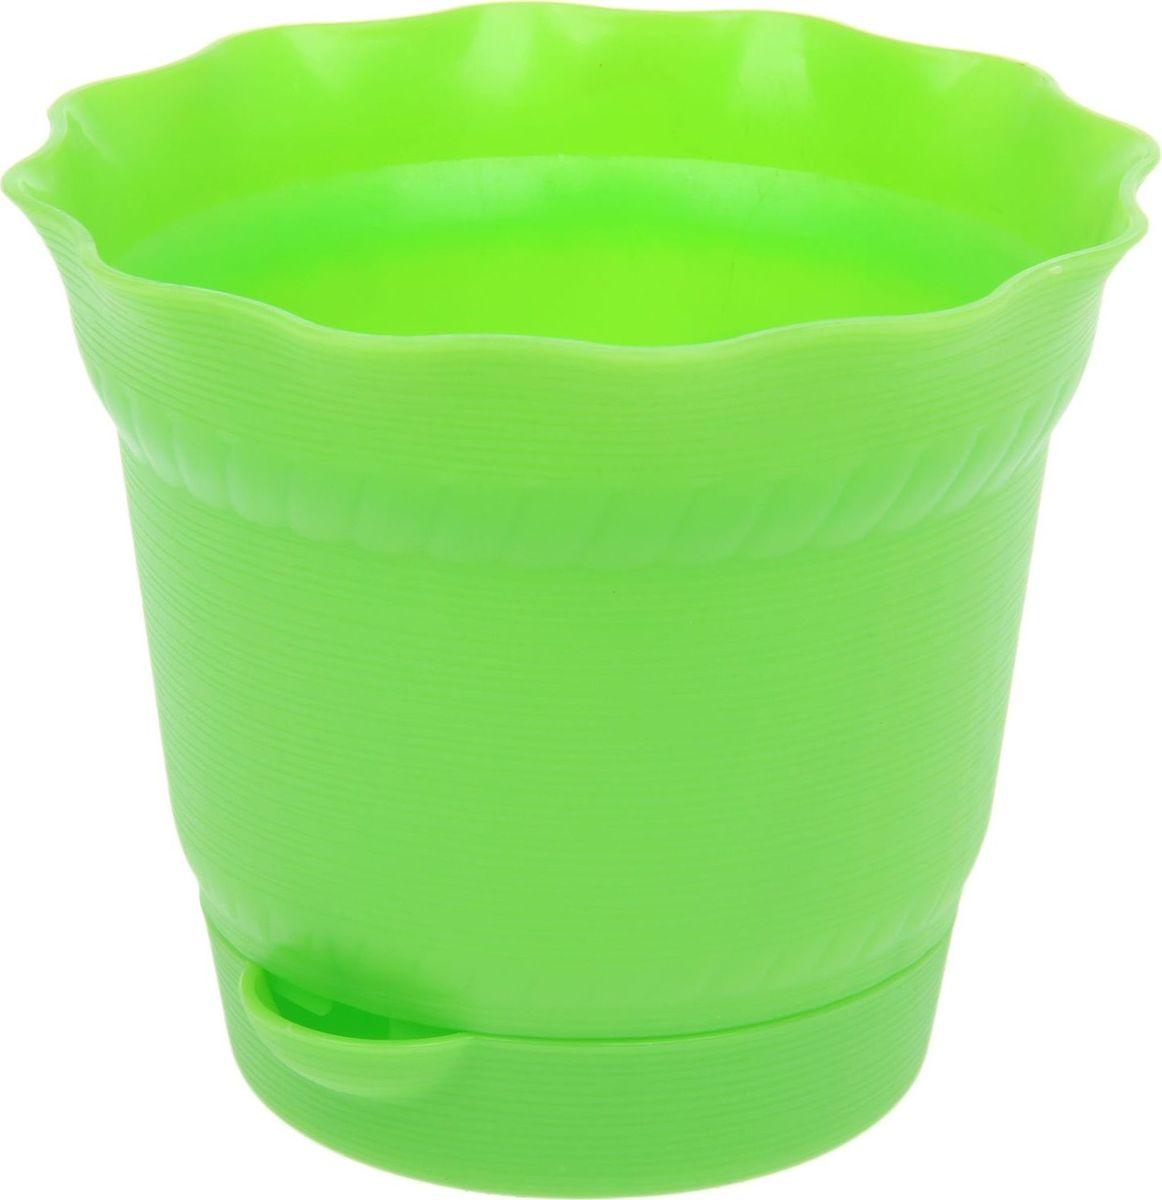 Горшок для цветов ТЕК.А.ТЕК Aquarelle, с поддоном, цвет: светло-зеленый, 1,7 л1411767Любой, даже самый современный и продуманный интерьер будет незавершённым без растений. Они не только очищают воздух и насыщают его кислородом, но и заметно украшают окружающее пространство. Такому полезному члену семьи просто необходимо красивое и функциональное кашпо, оригинальный горшок или необычная ваза!Горшок ТЕК.А.ТЕК Aquarelle предназначен для выращивания цветов, растений и трав. Он порадует вас функциональностью, а также украсит интерьер помещения.Объем горшка: 1,7 л.Диаметр: 17 см.